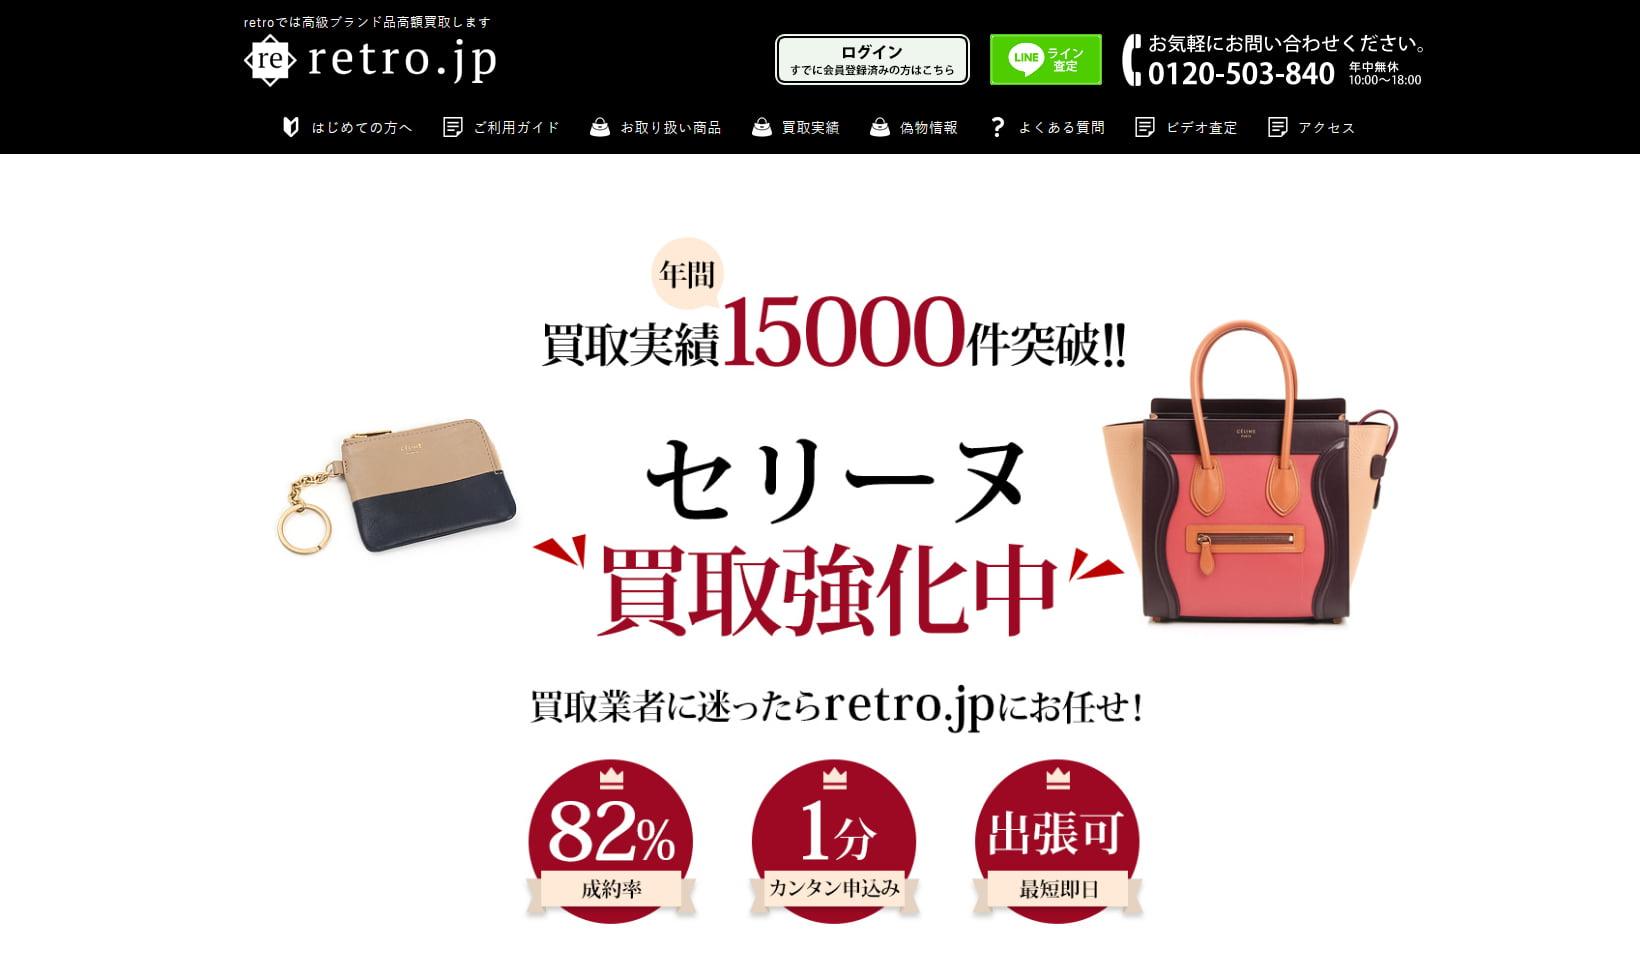 セリーヌ買取おすすめ店retro.jp